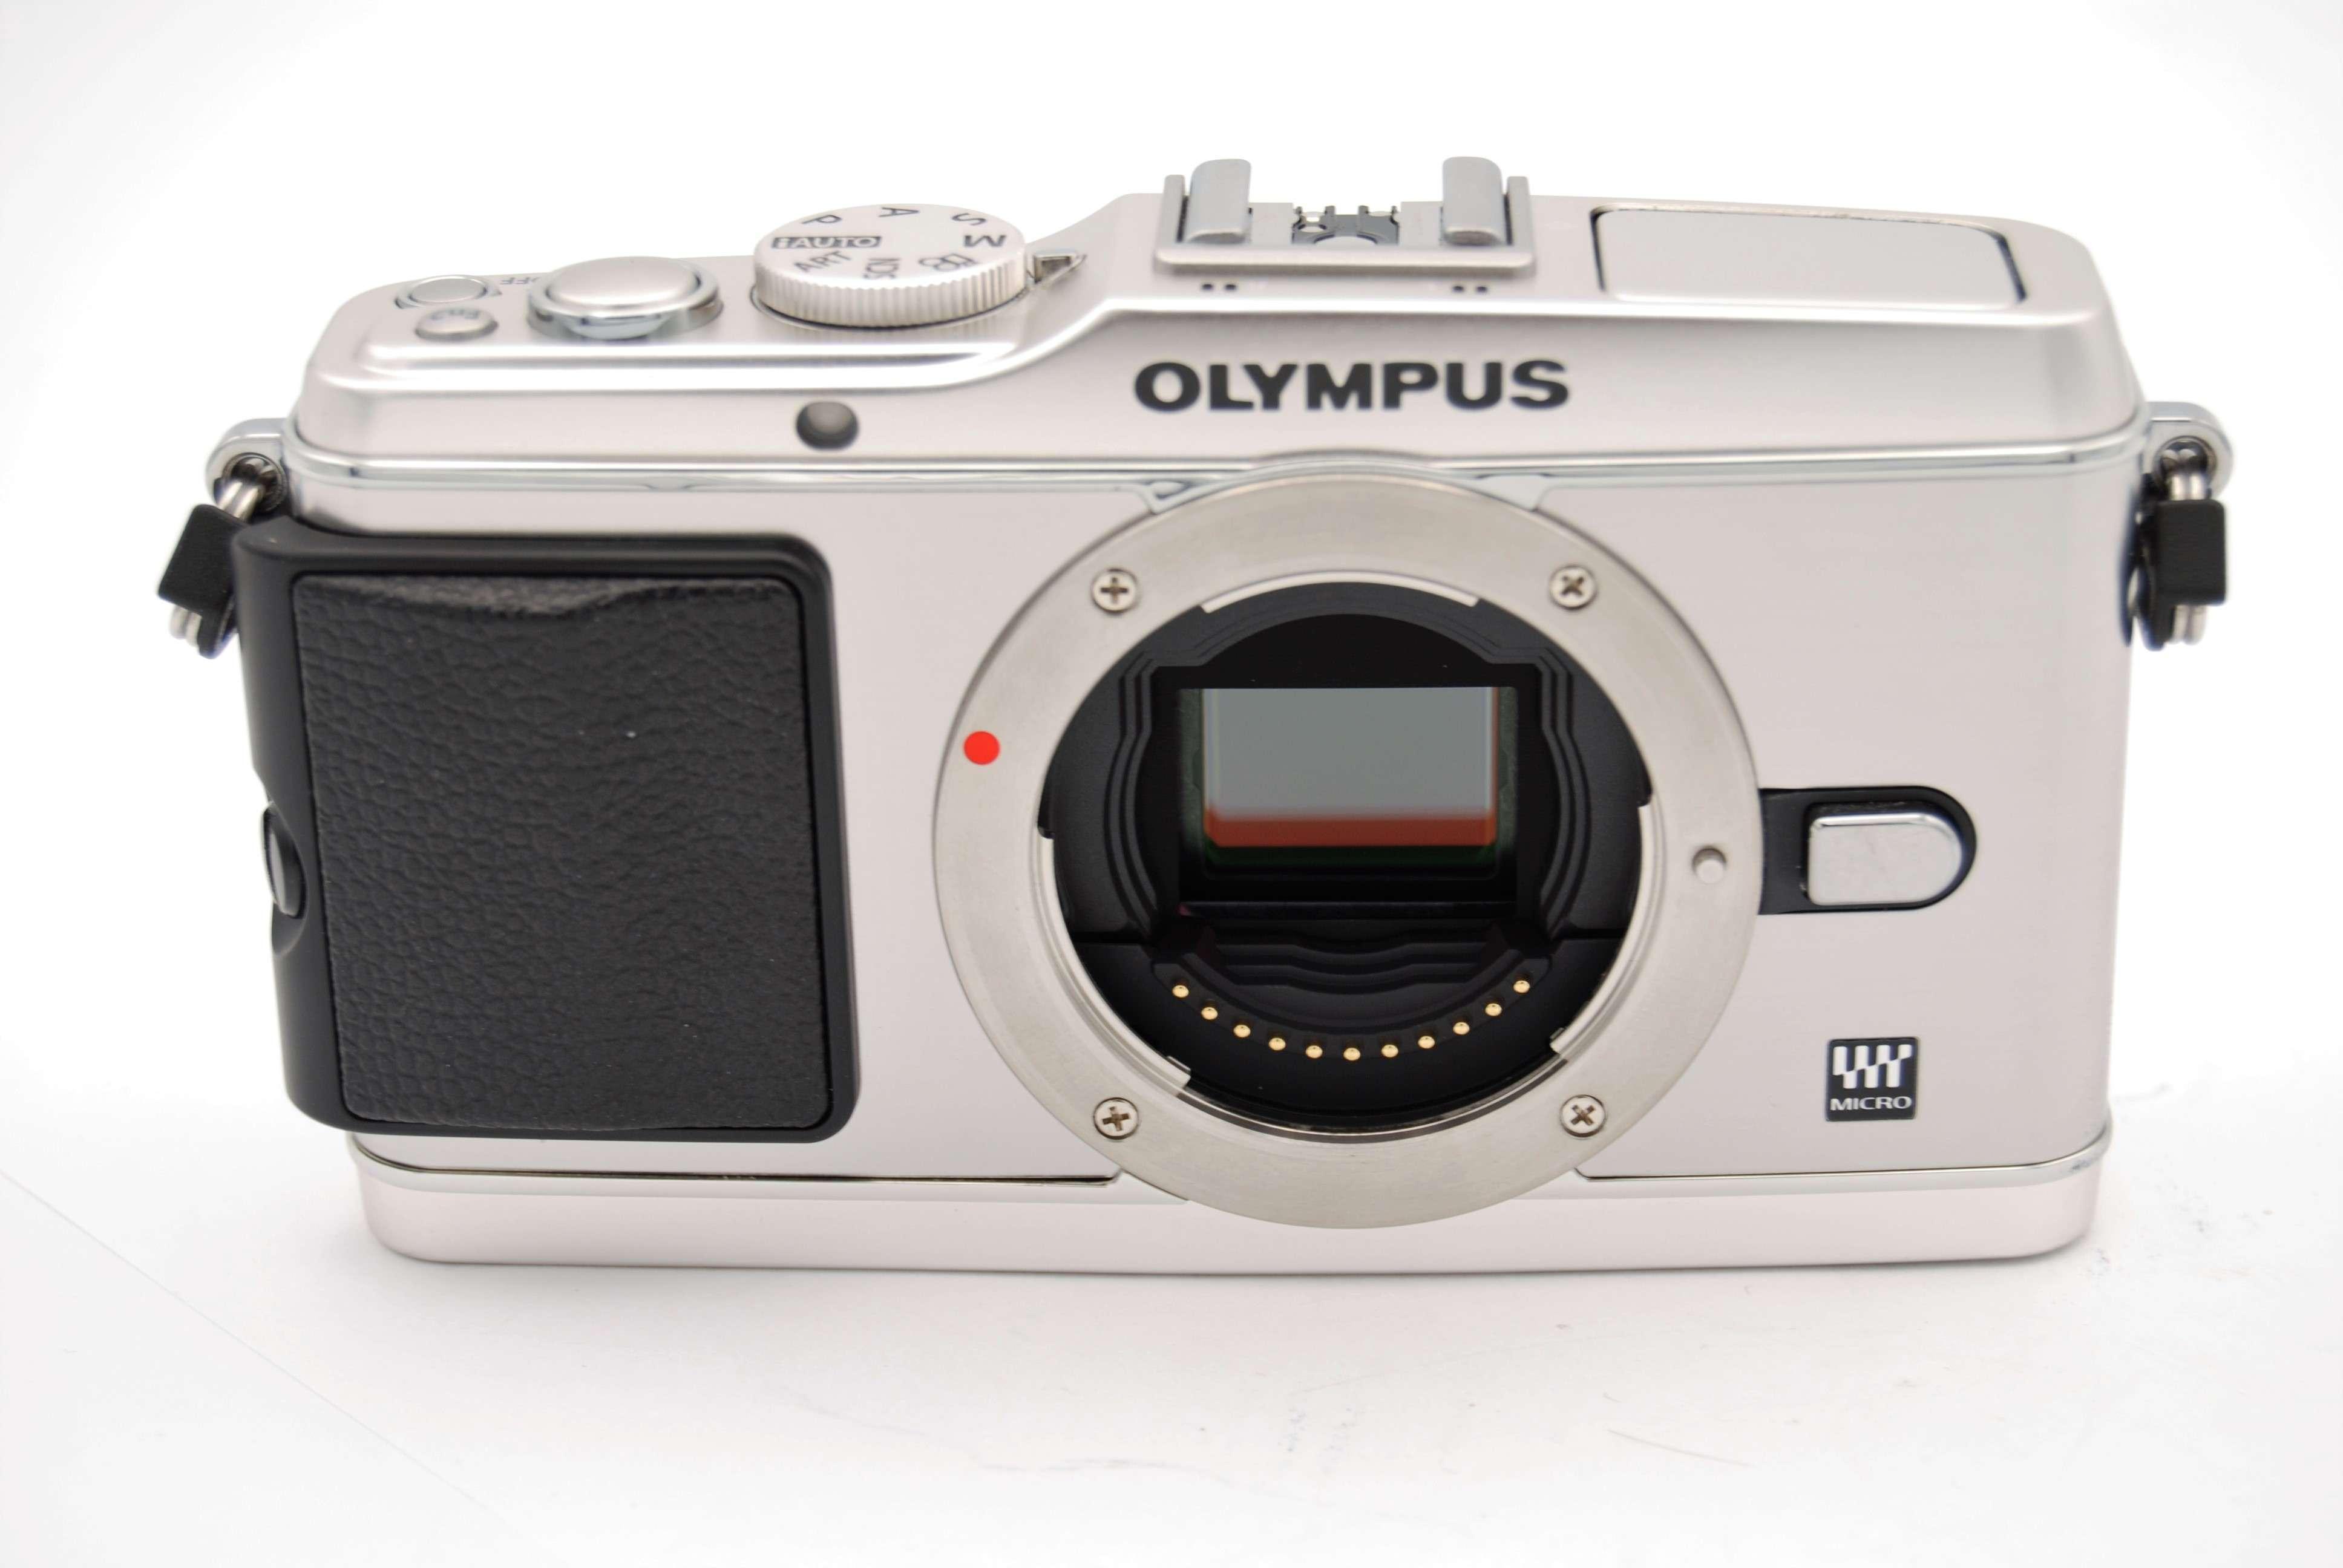 olympus pen e p3 12 3mp digital camera silver  body only  ebay olympus pen e-p3 user manual olympus e-p3 manual